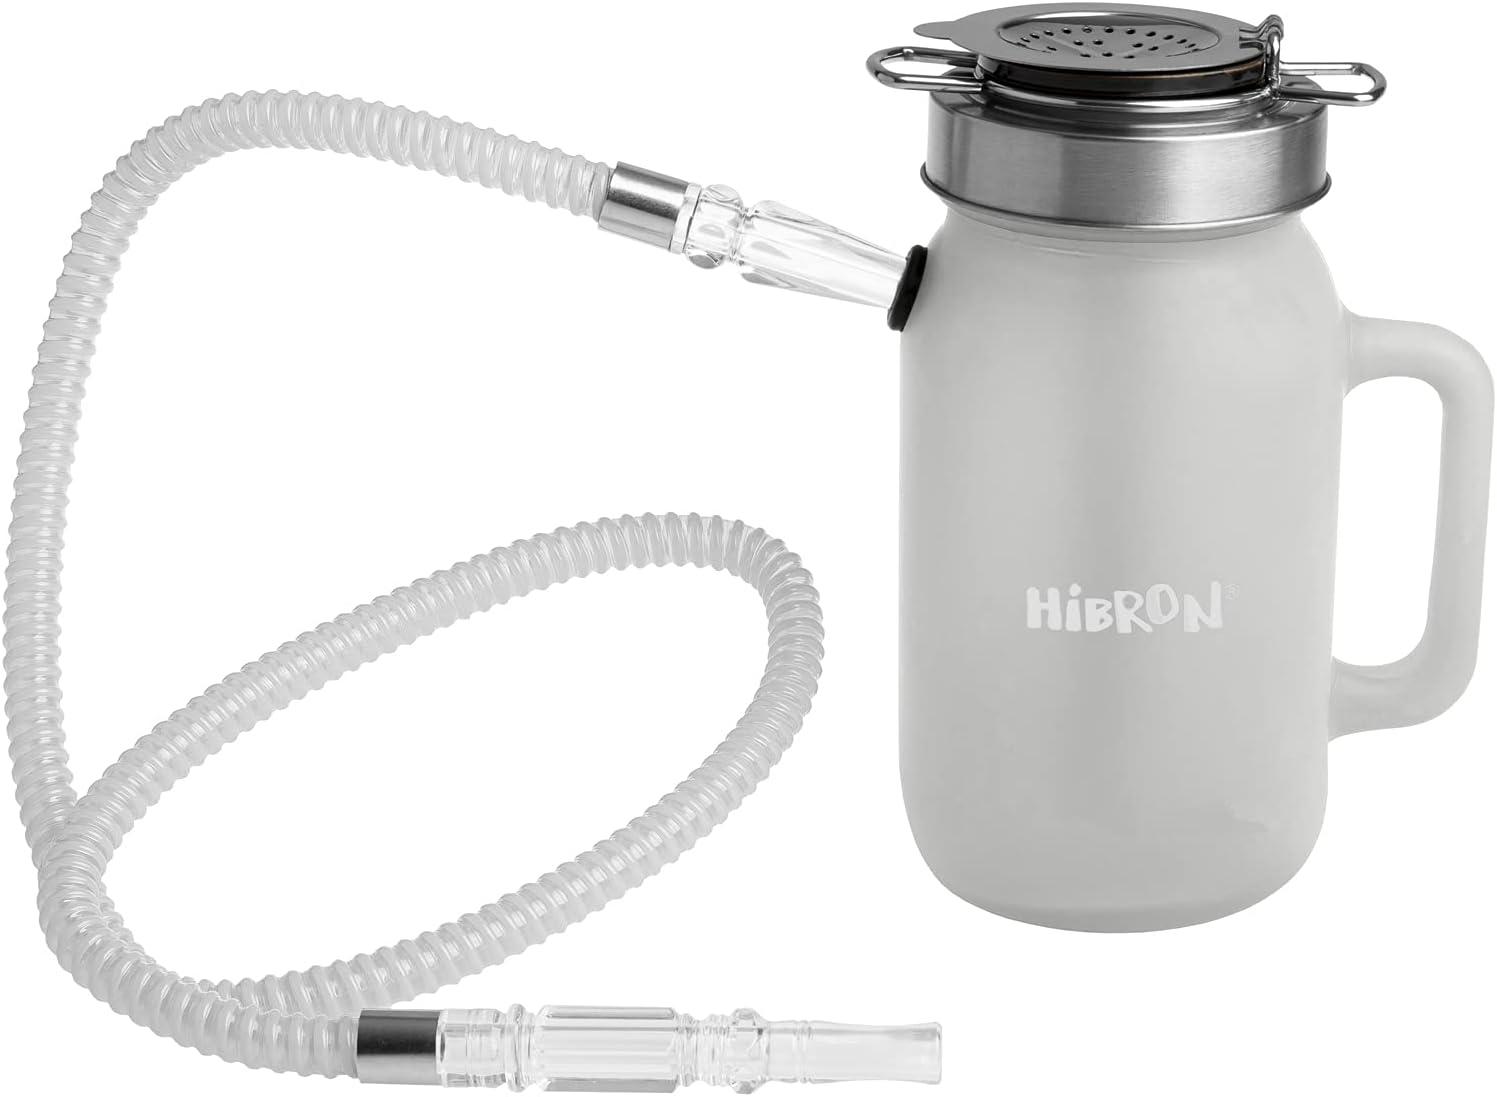 HIBRON Cachimba Pequeña 19cm Premium Kit Completo, con 1 Manguera y Base de Cristal Opaco